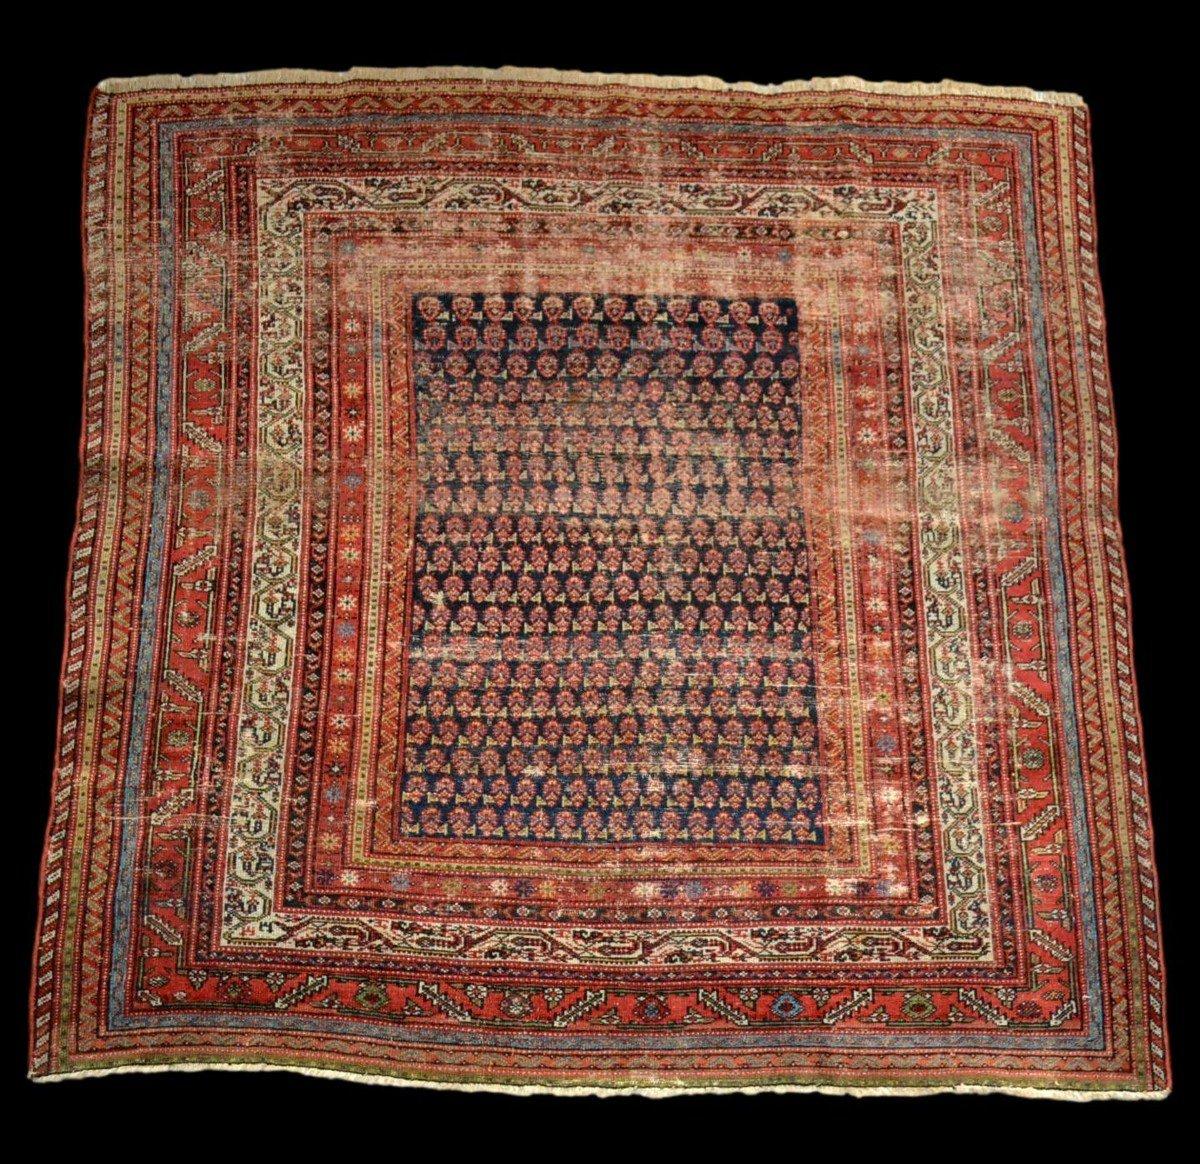 Tapis Afshar ancien, 177 cm x 178 cm, Iran, laine nouée main, fin du XIXème siècle